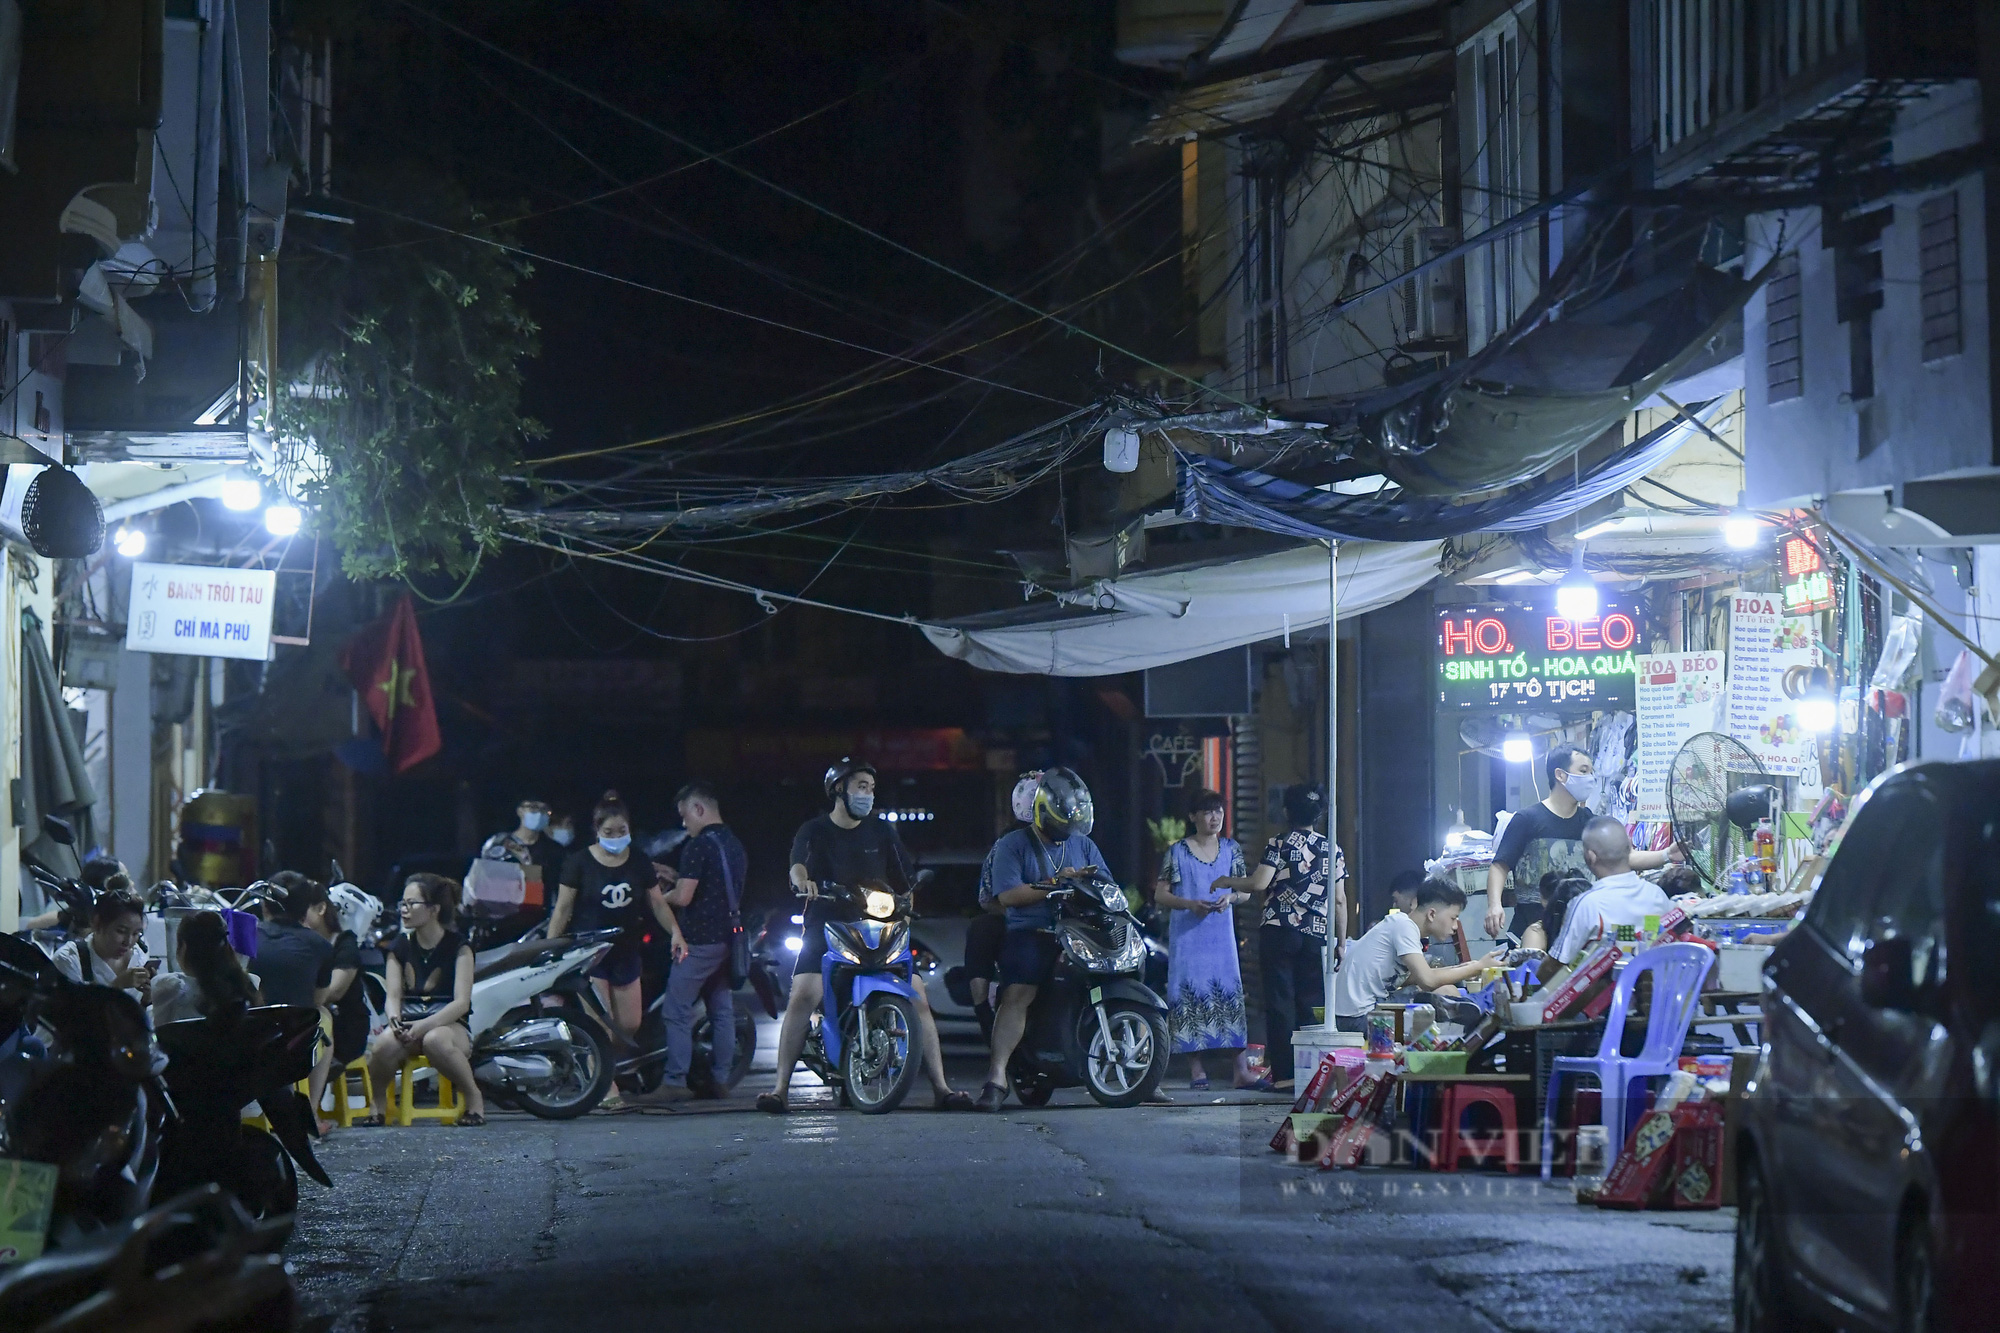 """Hà Nội: Phớt lờ lệnh cấm bán hàng sau 21h, nhiều nhà hàng """"nhốt khách"""" ăn uống phía trong - Ảnh 1."""